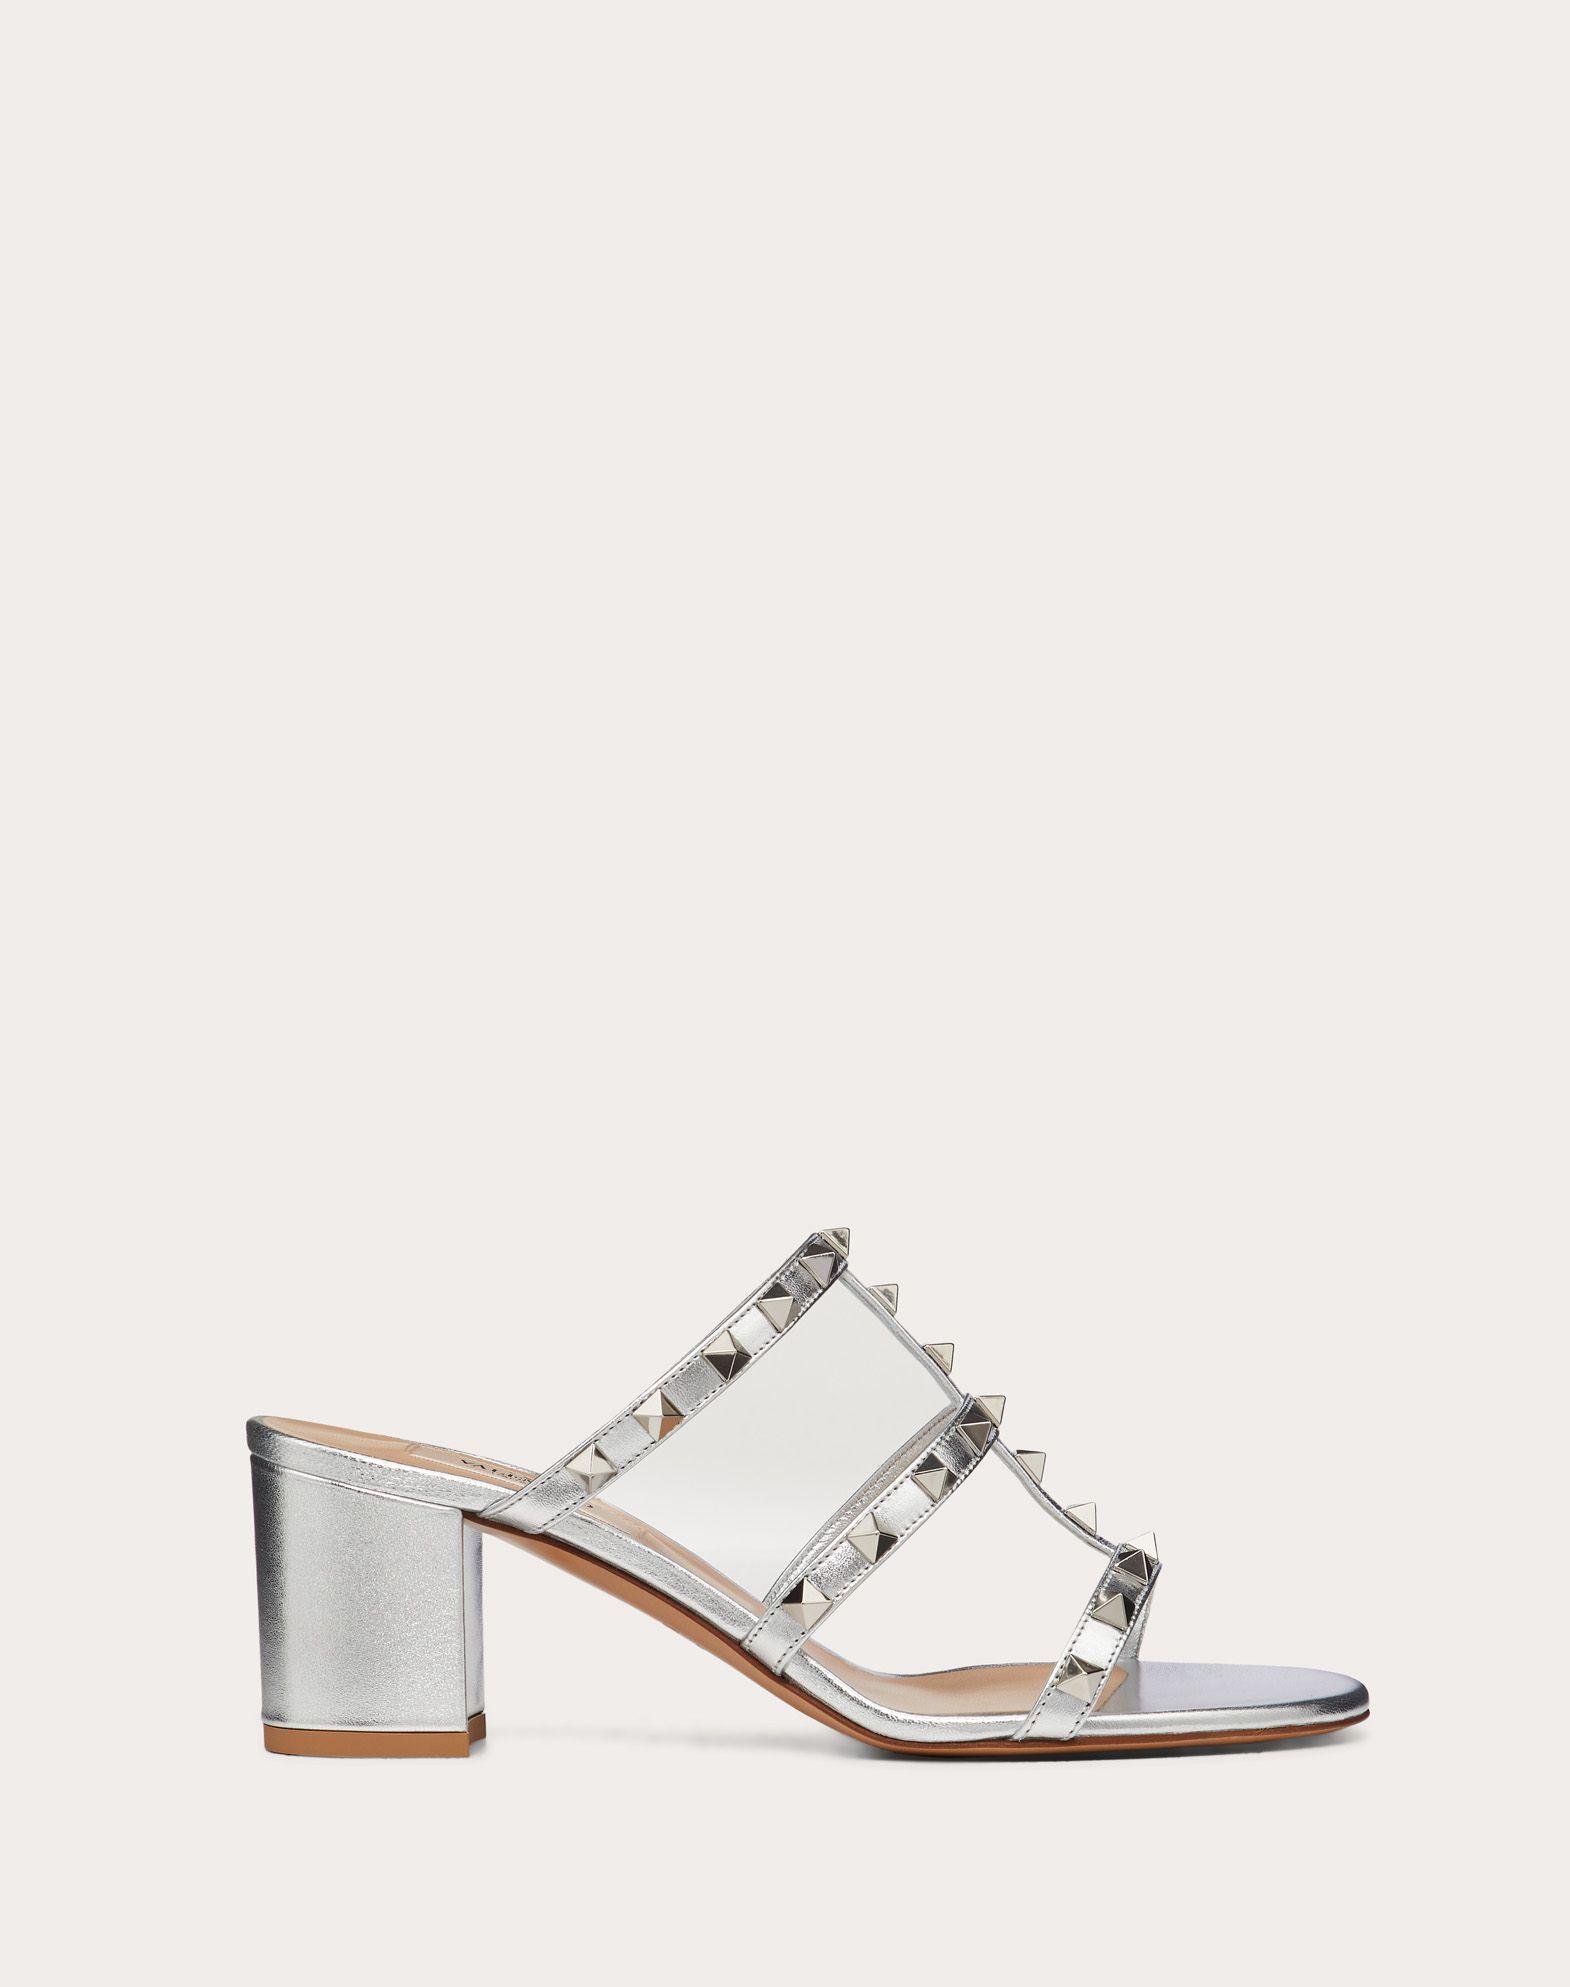 Rockstud Metallic Slide Sandal 60 mm